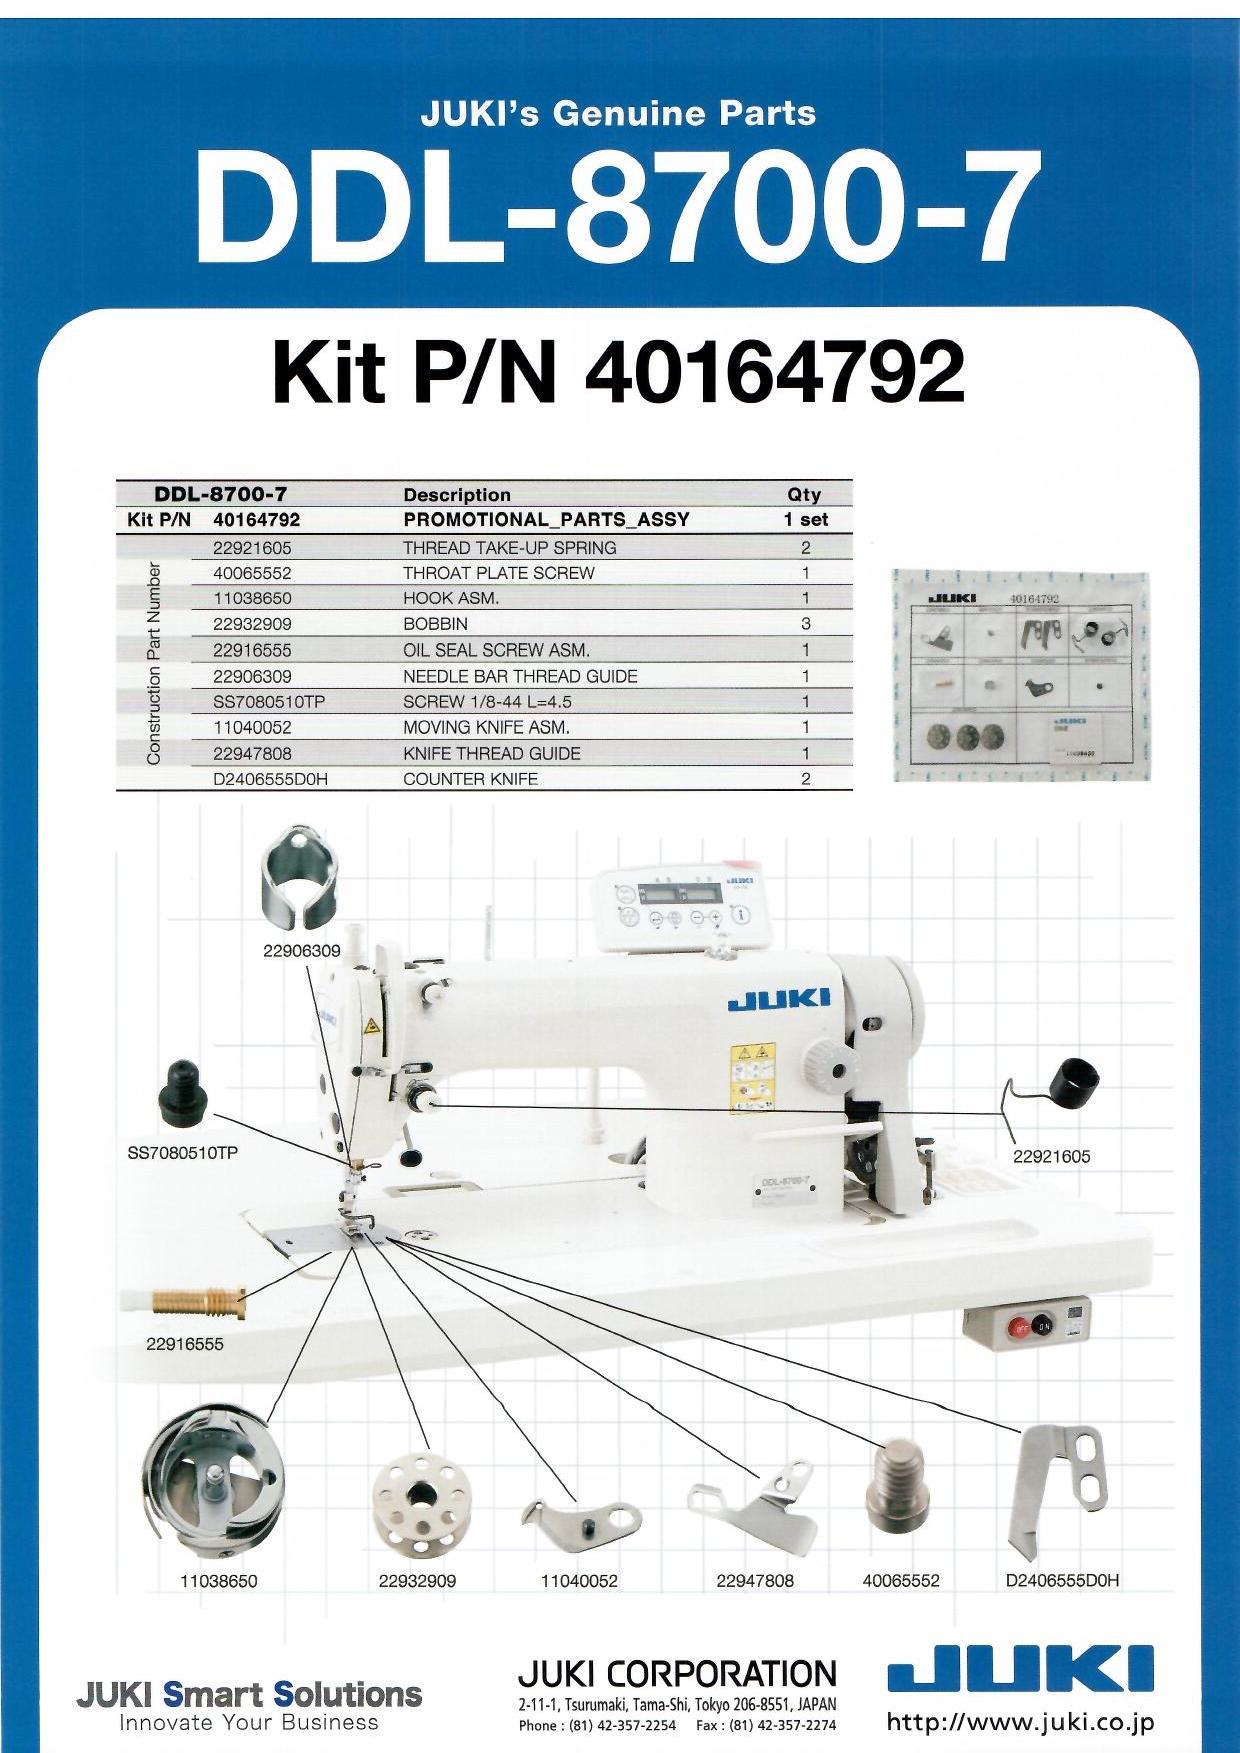 �子平� DDL-8700-7